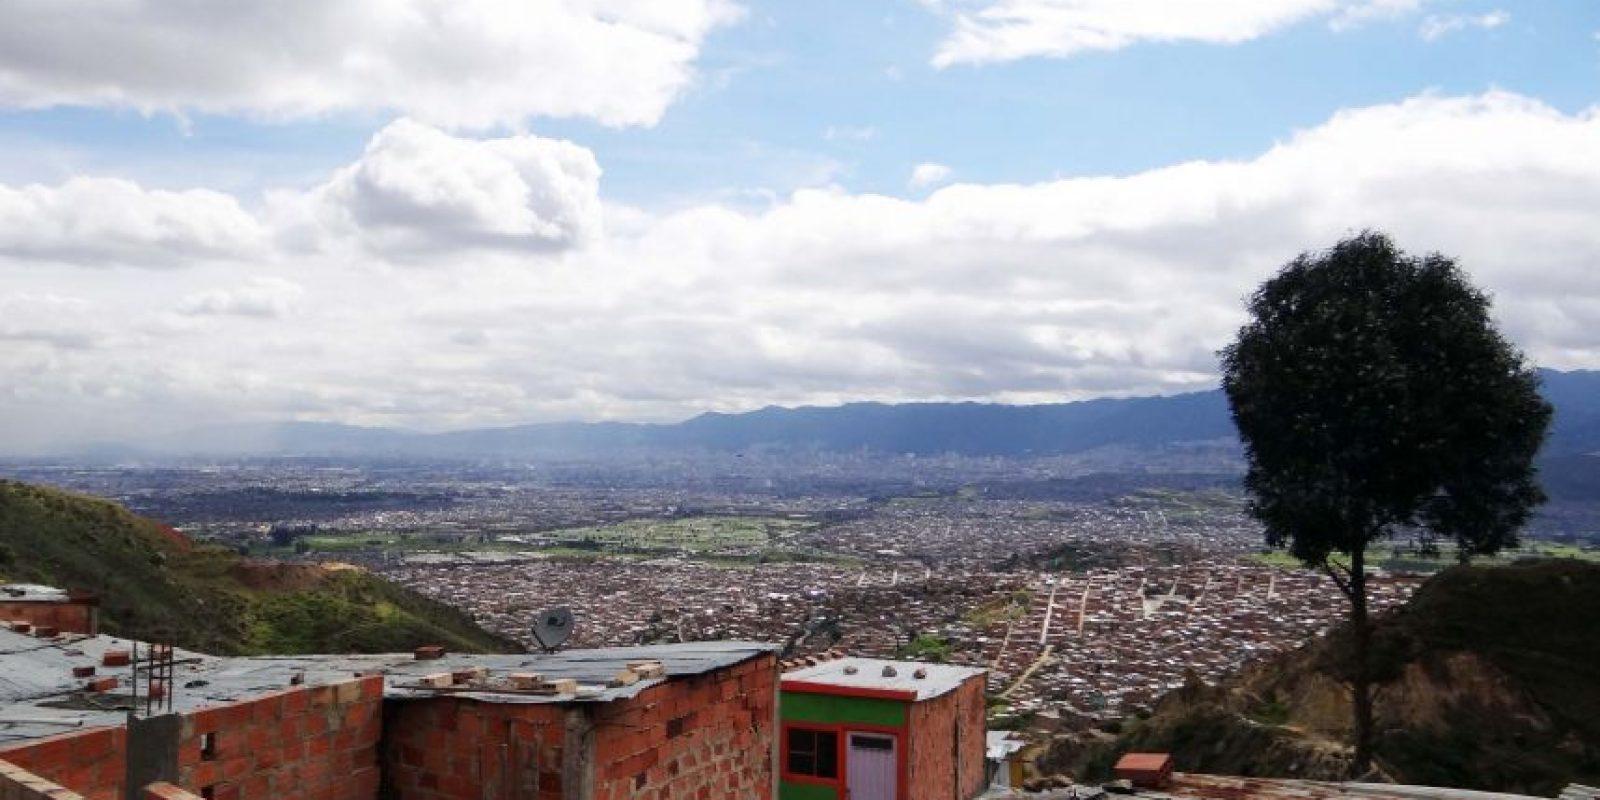 Desde este punto de la ciudad, en el barrio Mirador, en la localidad Ciudad Bolívar, se construiría un edificio de siete pisos de alto y el cual sería la estación de llegada del primer cable aéreo de transporte público. Foto:Diego Hernán Pérez /PUBLIMETRO